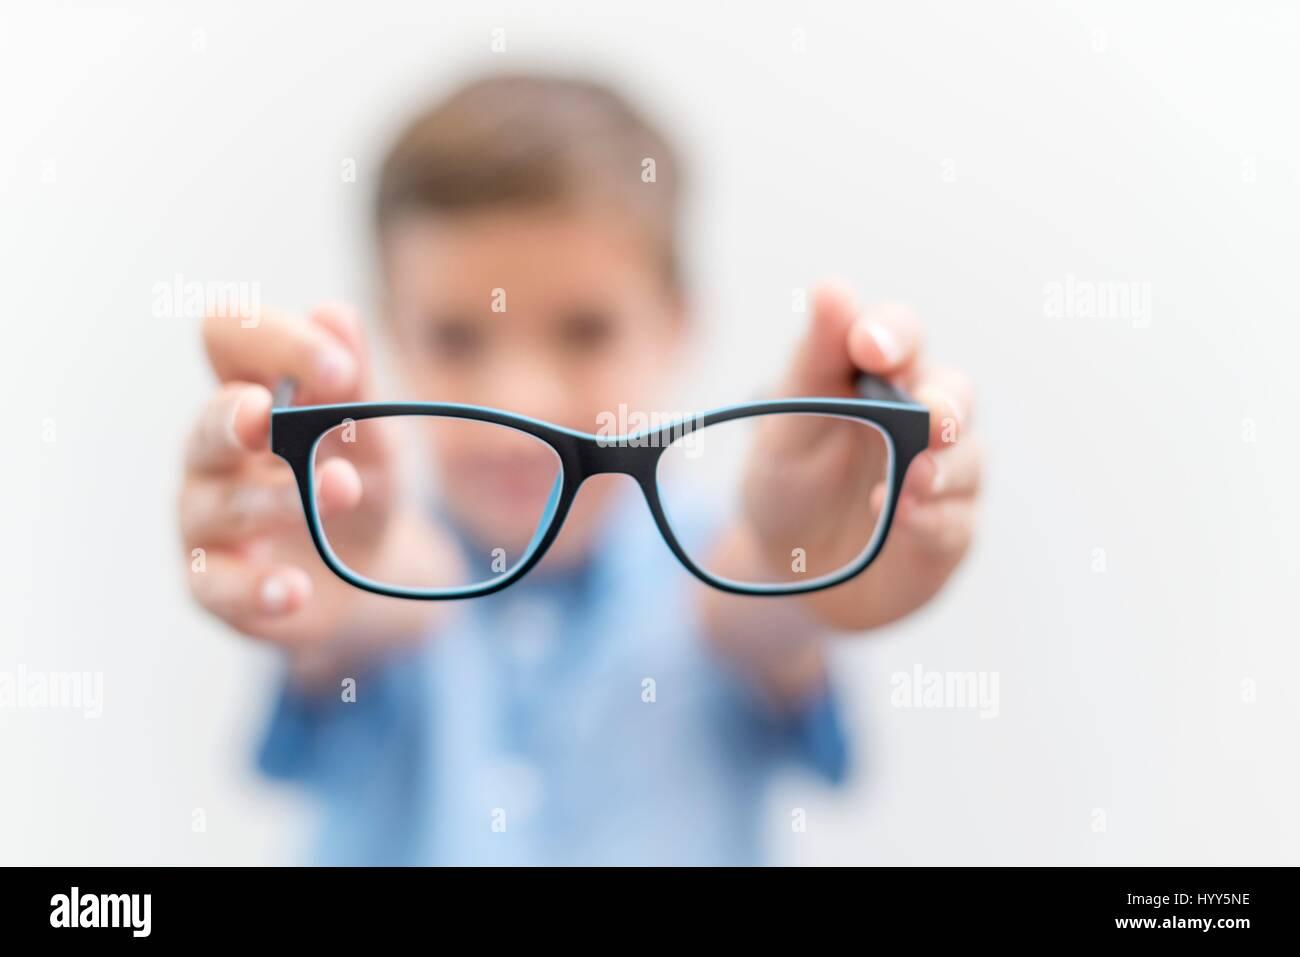 Ragazzo holding bicchieri vicino. Immagini Stock